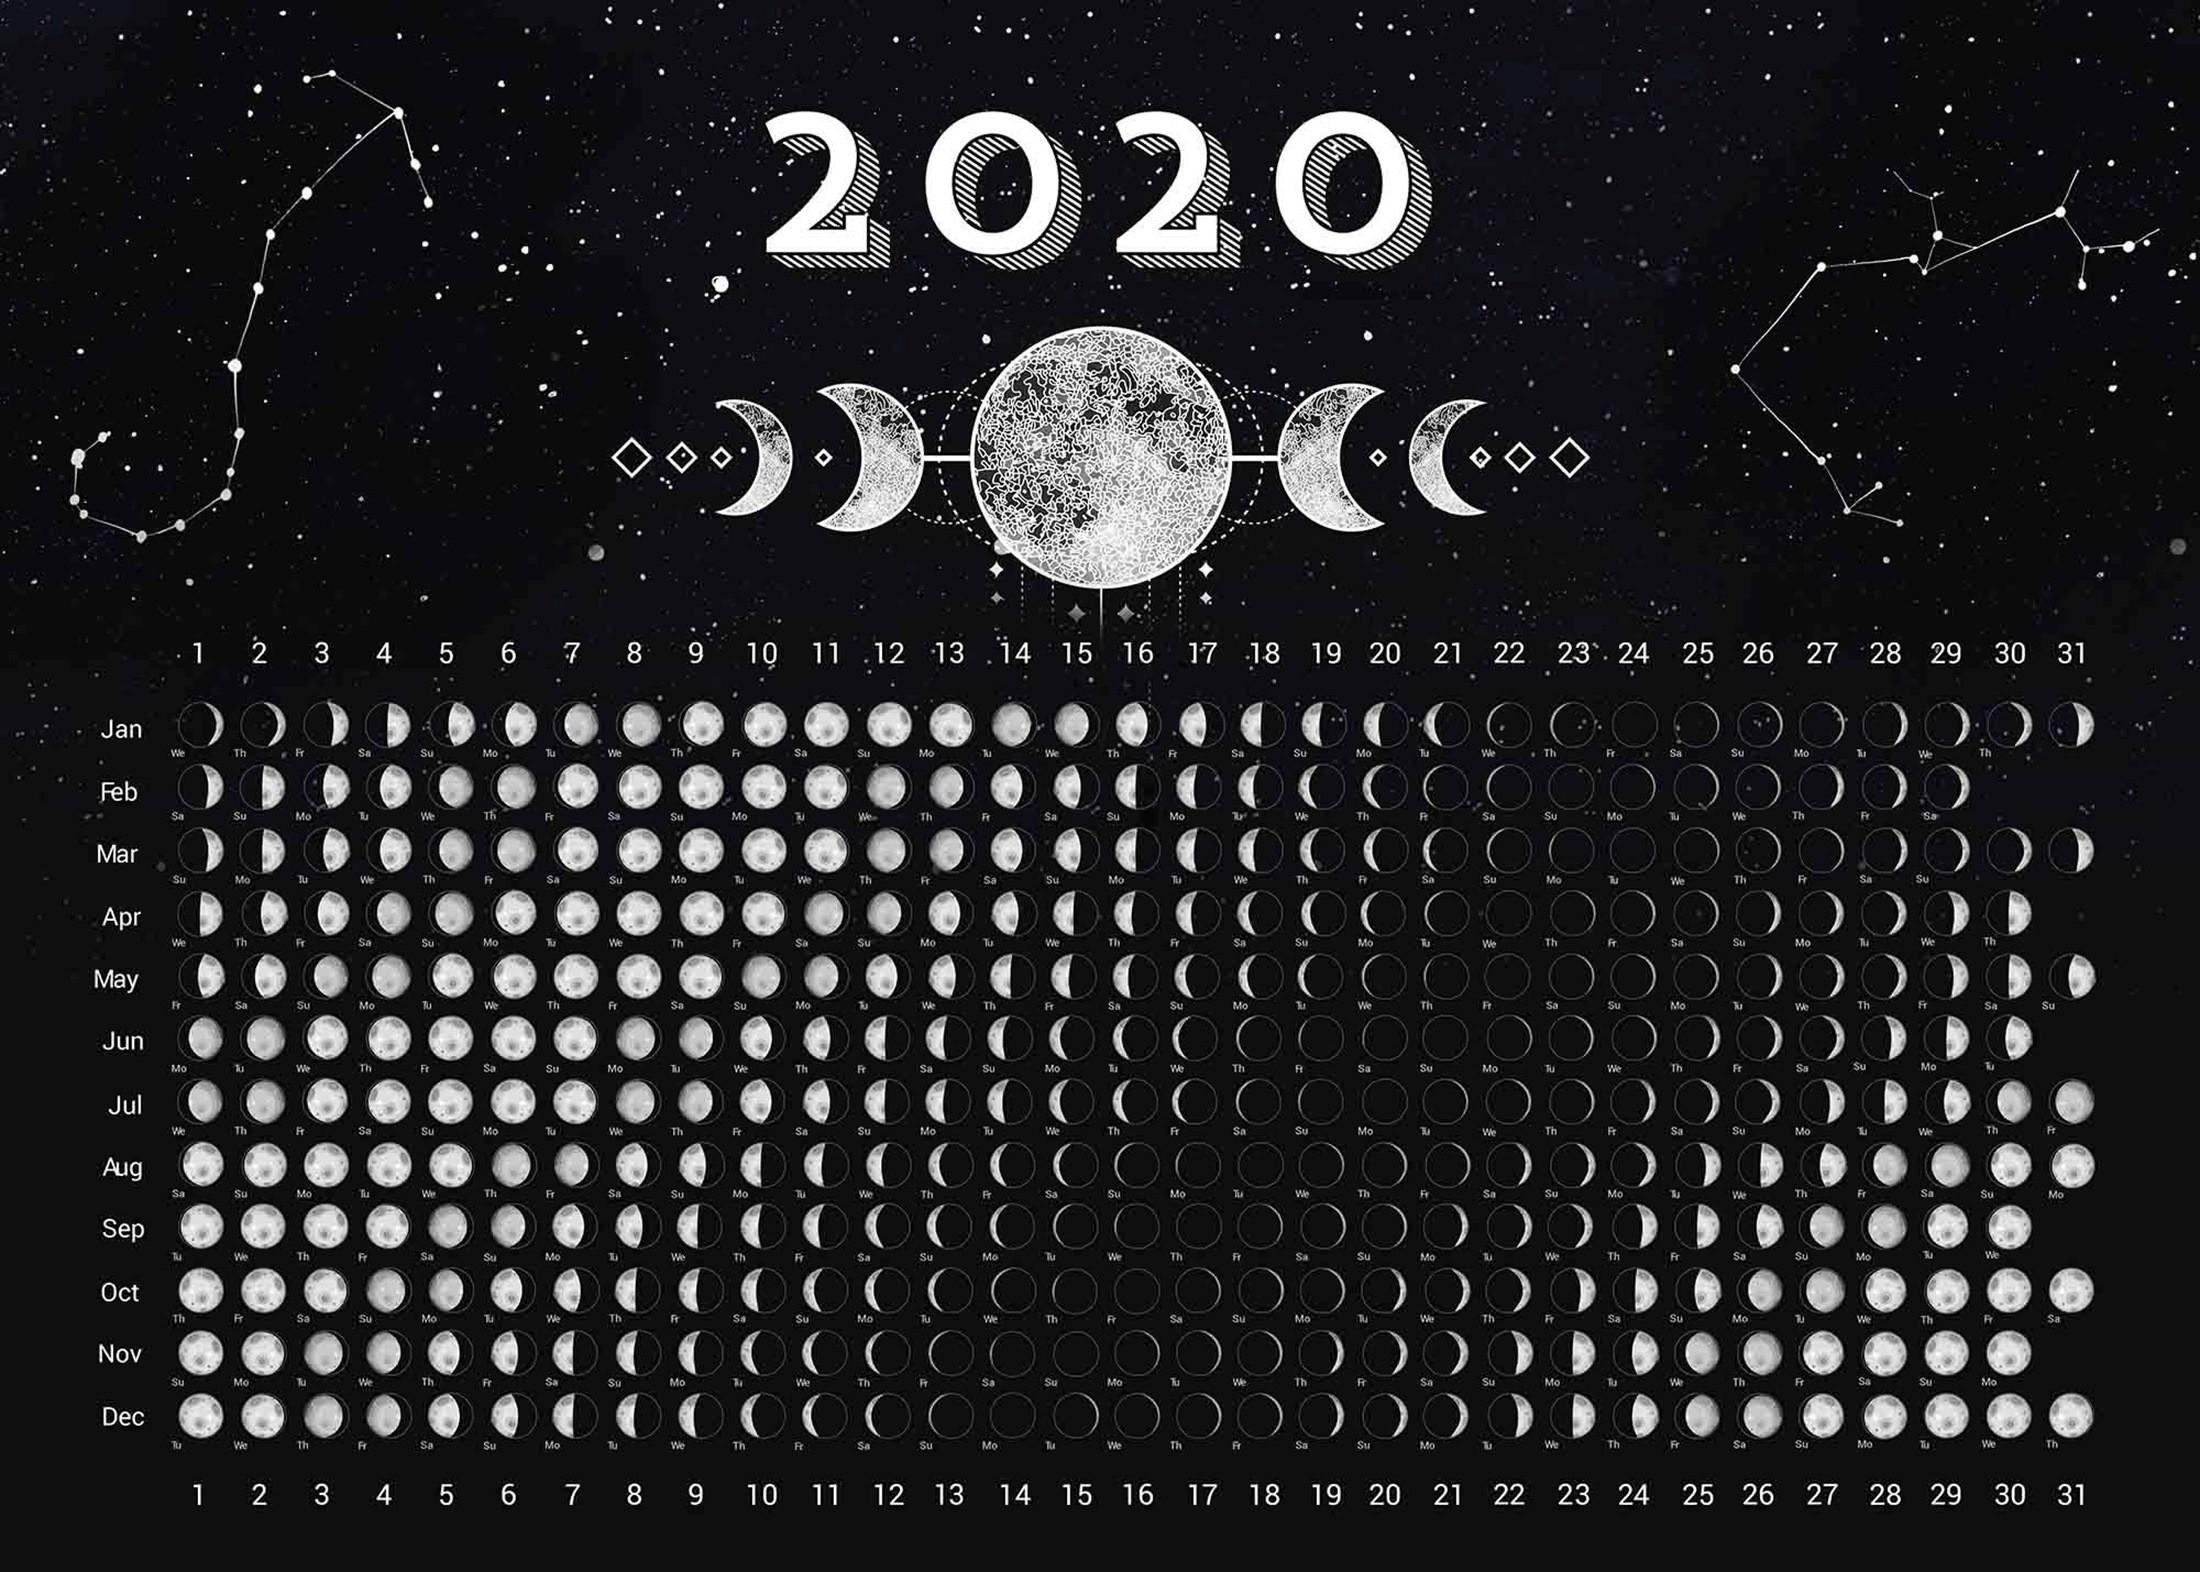 Календарь фаз Луны на 2020 год